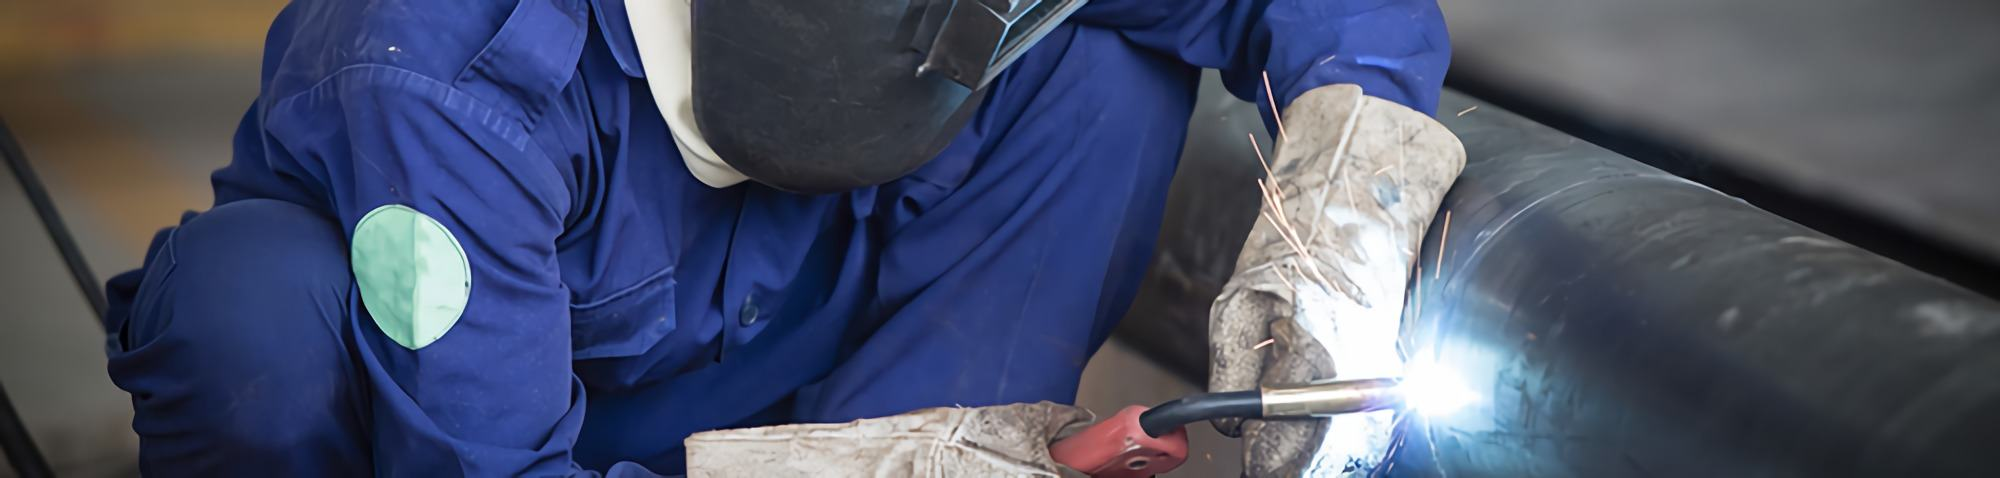 pipefitter welding student training